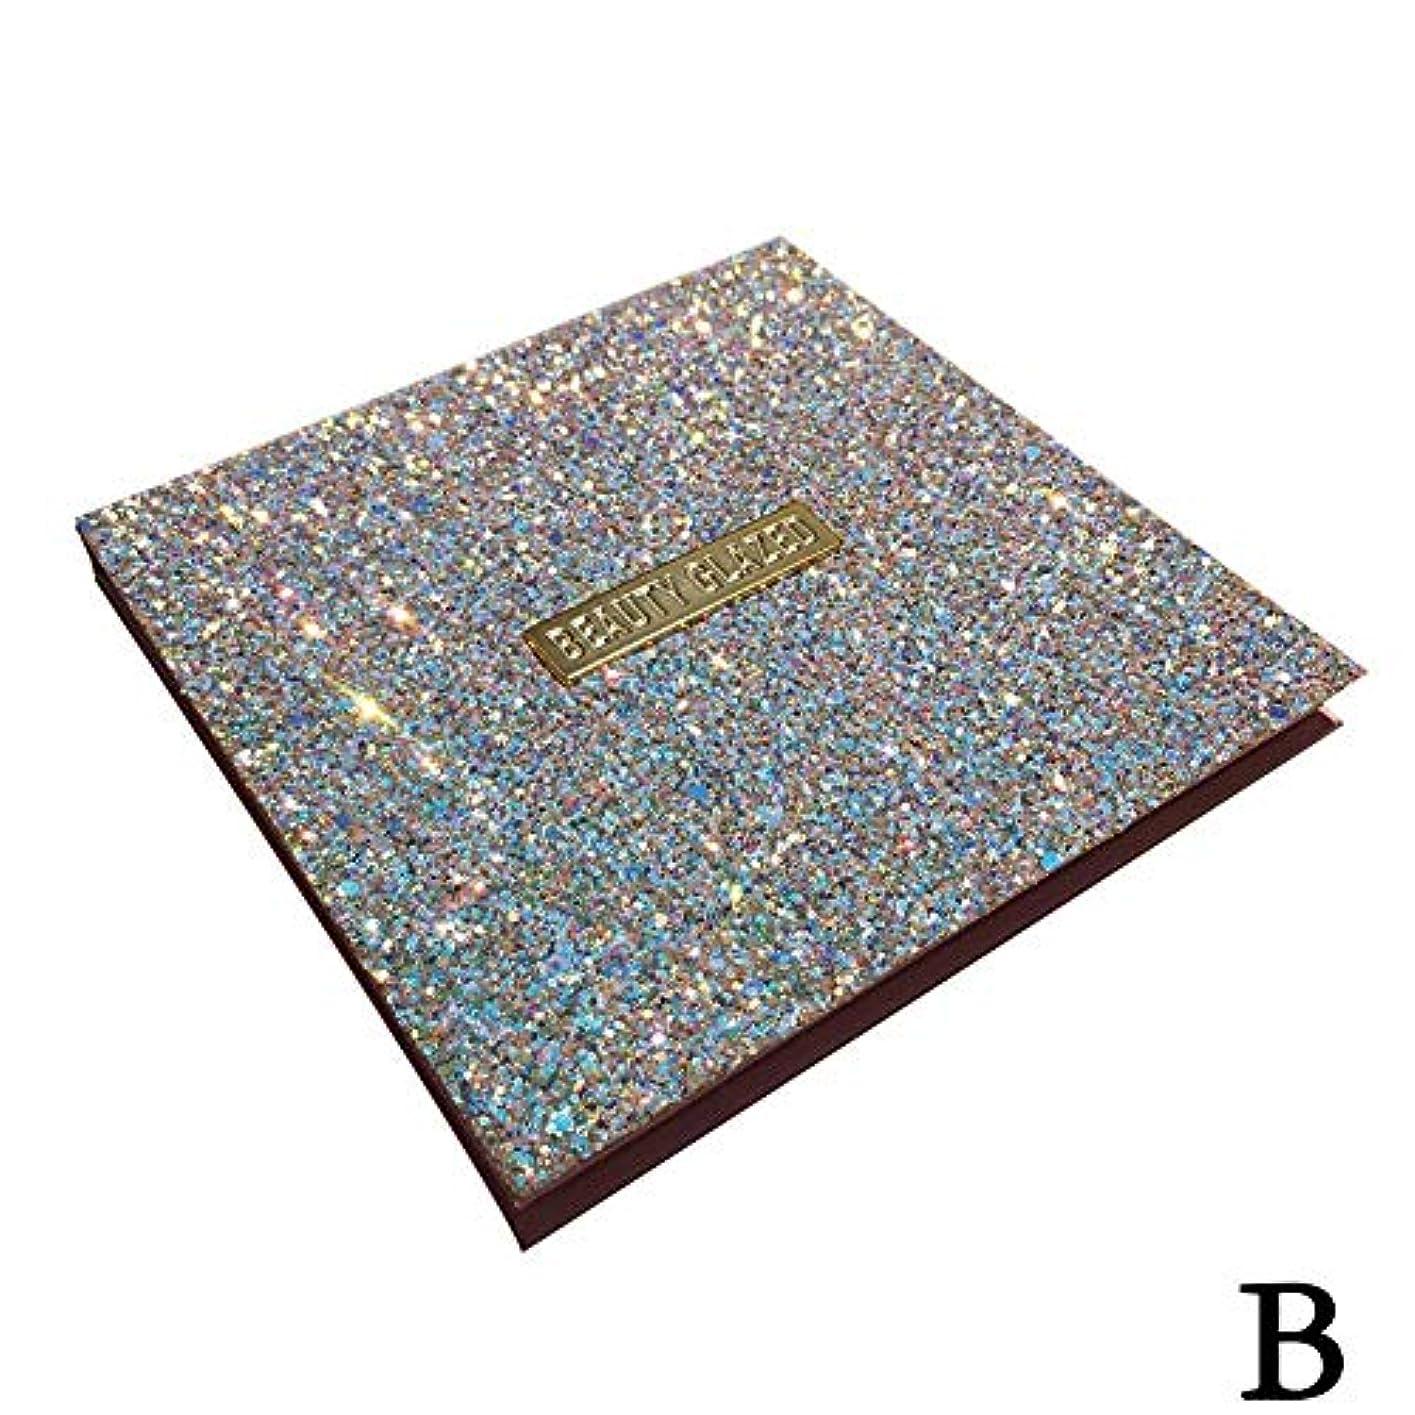 複製シダ戸口(ゴールデン ドリーミング)Golden Dreaming beauty glazed 無光沢の真珠16色のアイシャドウ (B 2#)